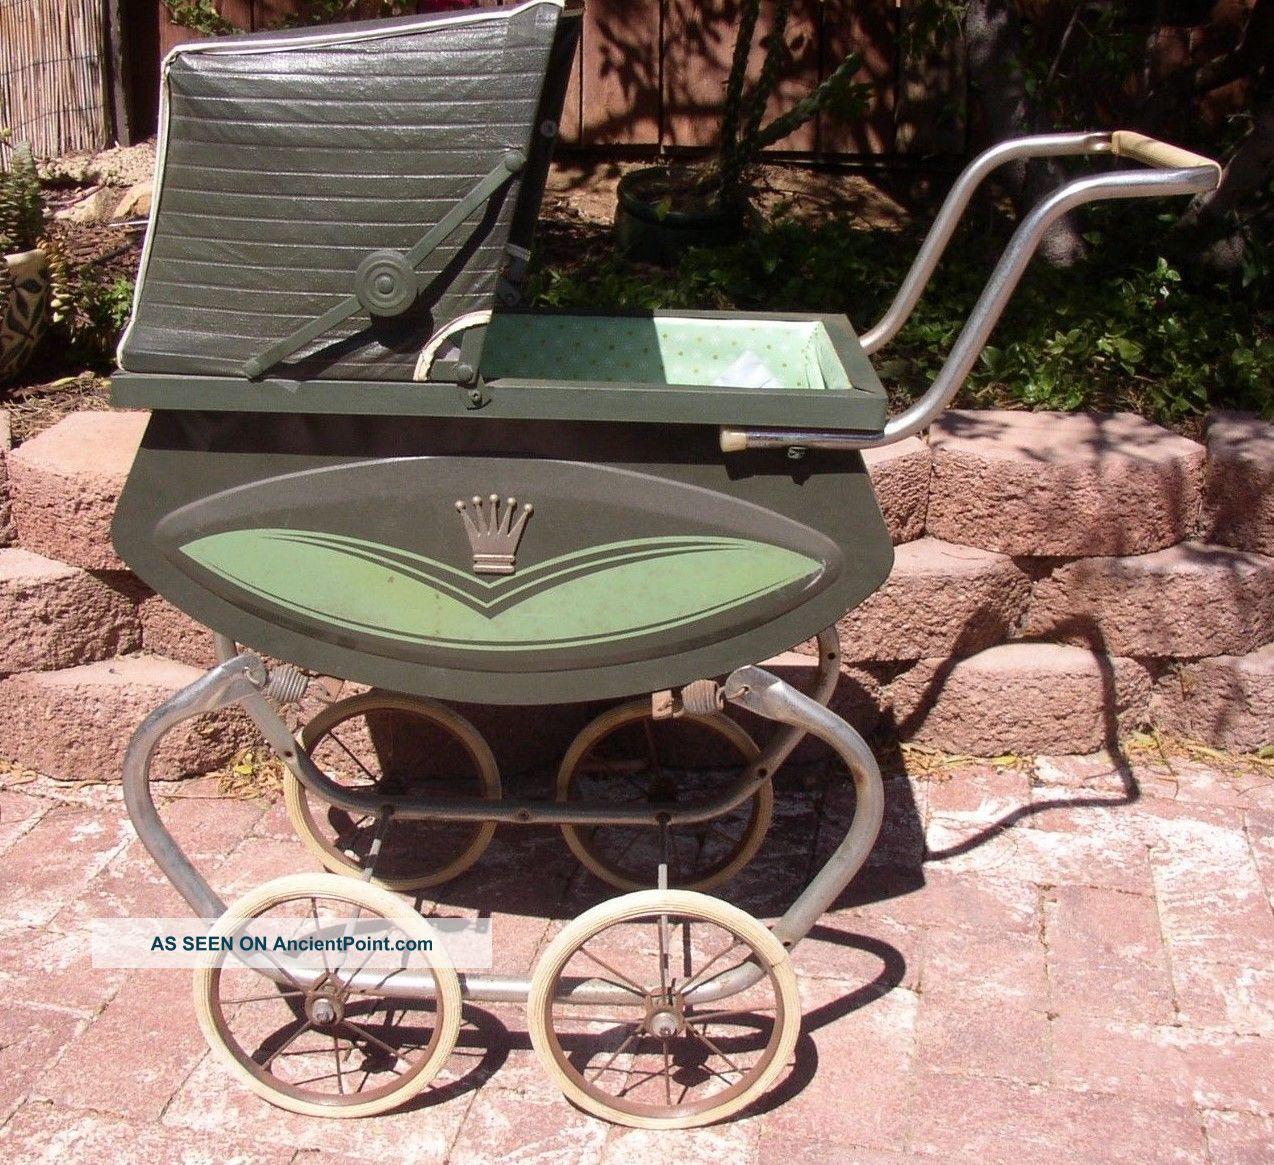 Vintage Mid - Century Steel Baby Pram/stroller,  - Displays Nicely Baby Carriages & Buggies photo